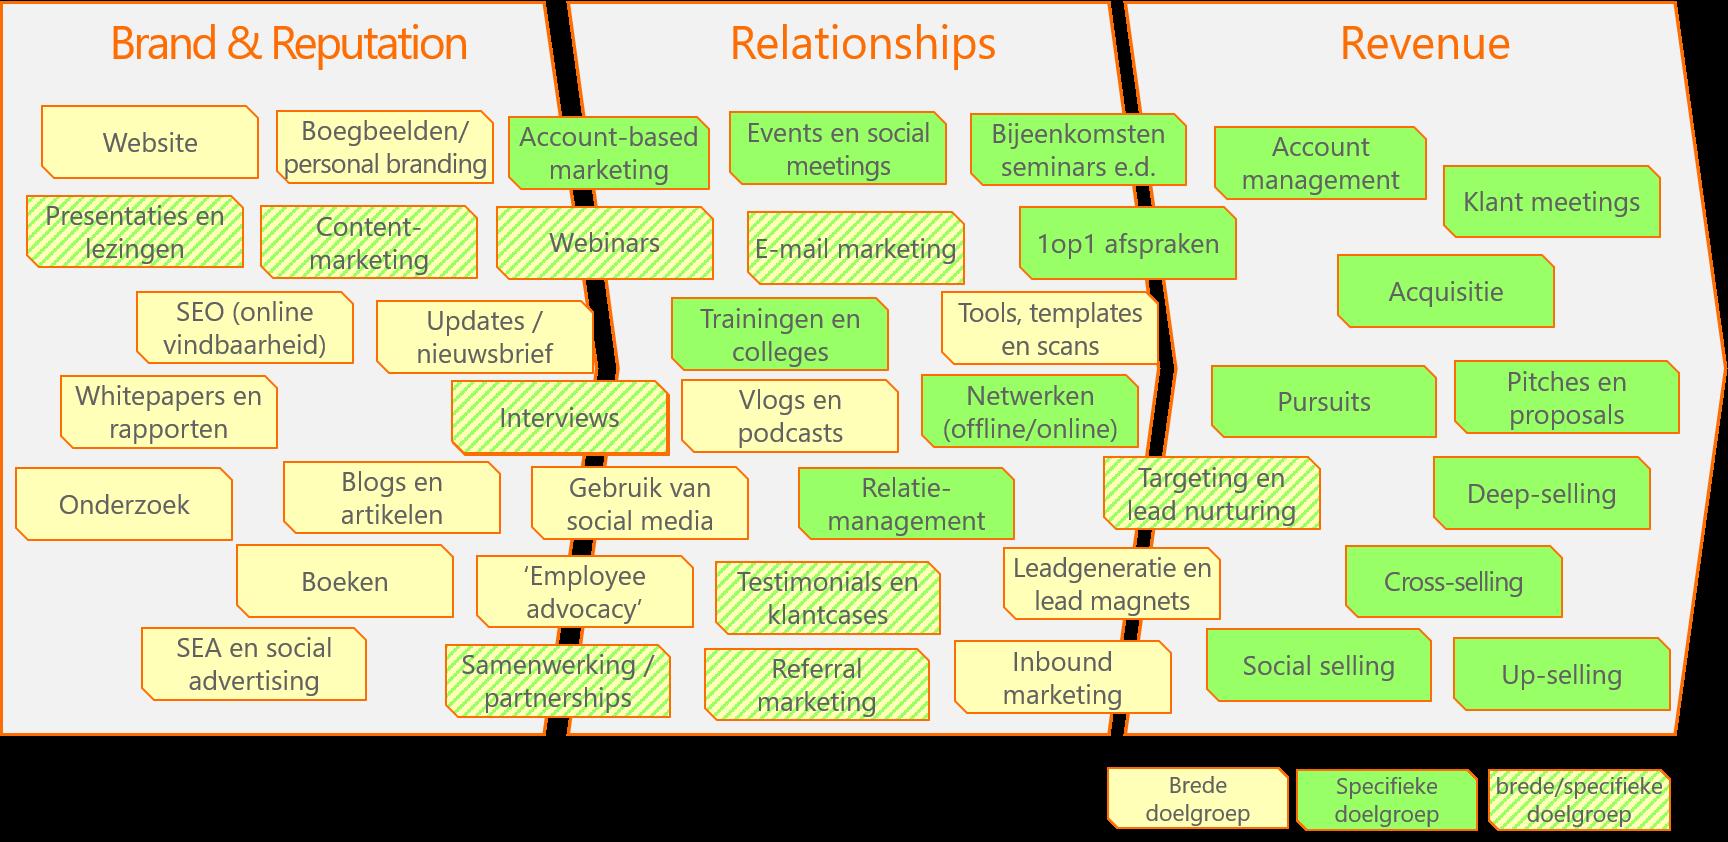 marketinginstrumenten bij brede vs specifieke doelgroep